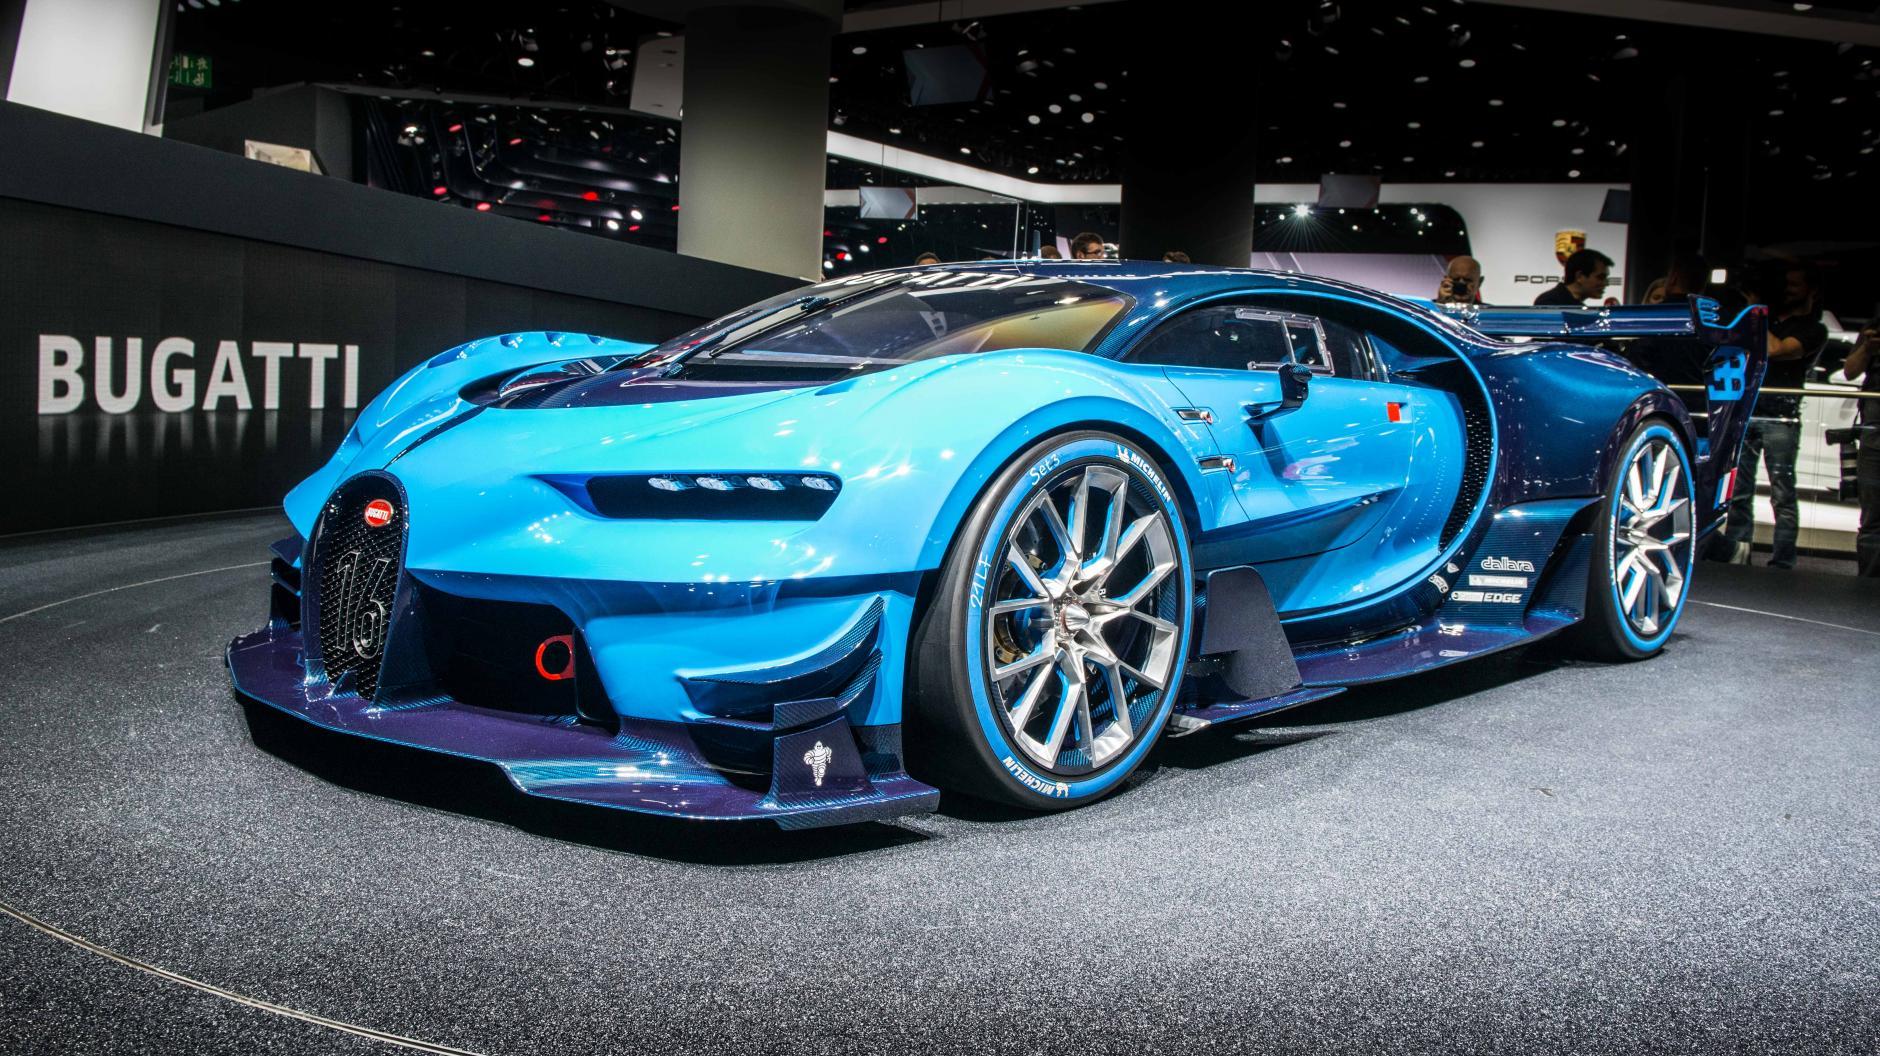 The face of the future Bugatti